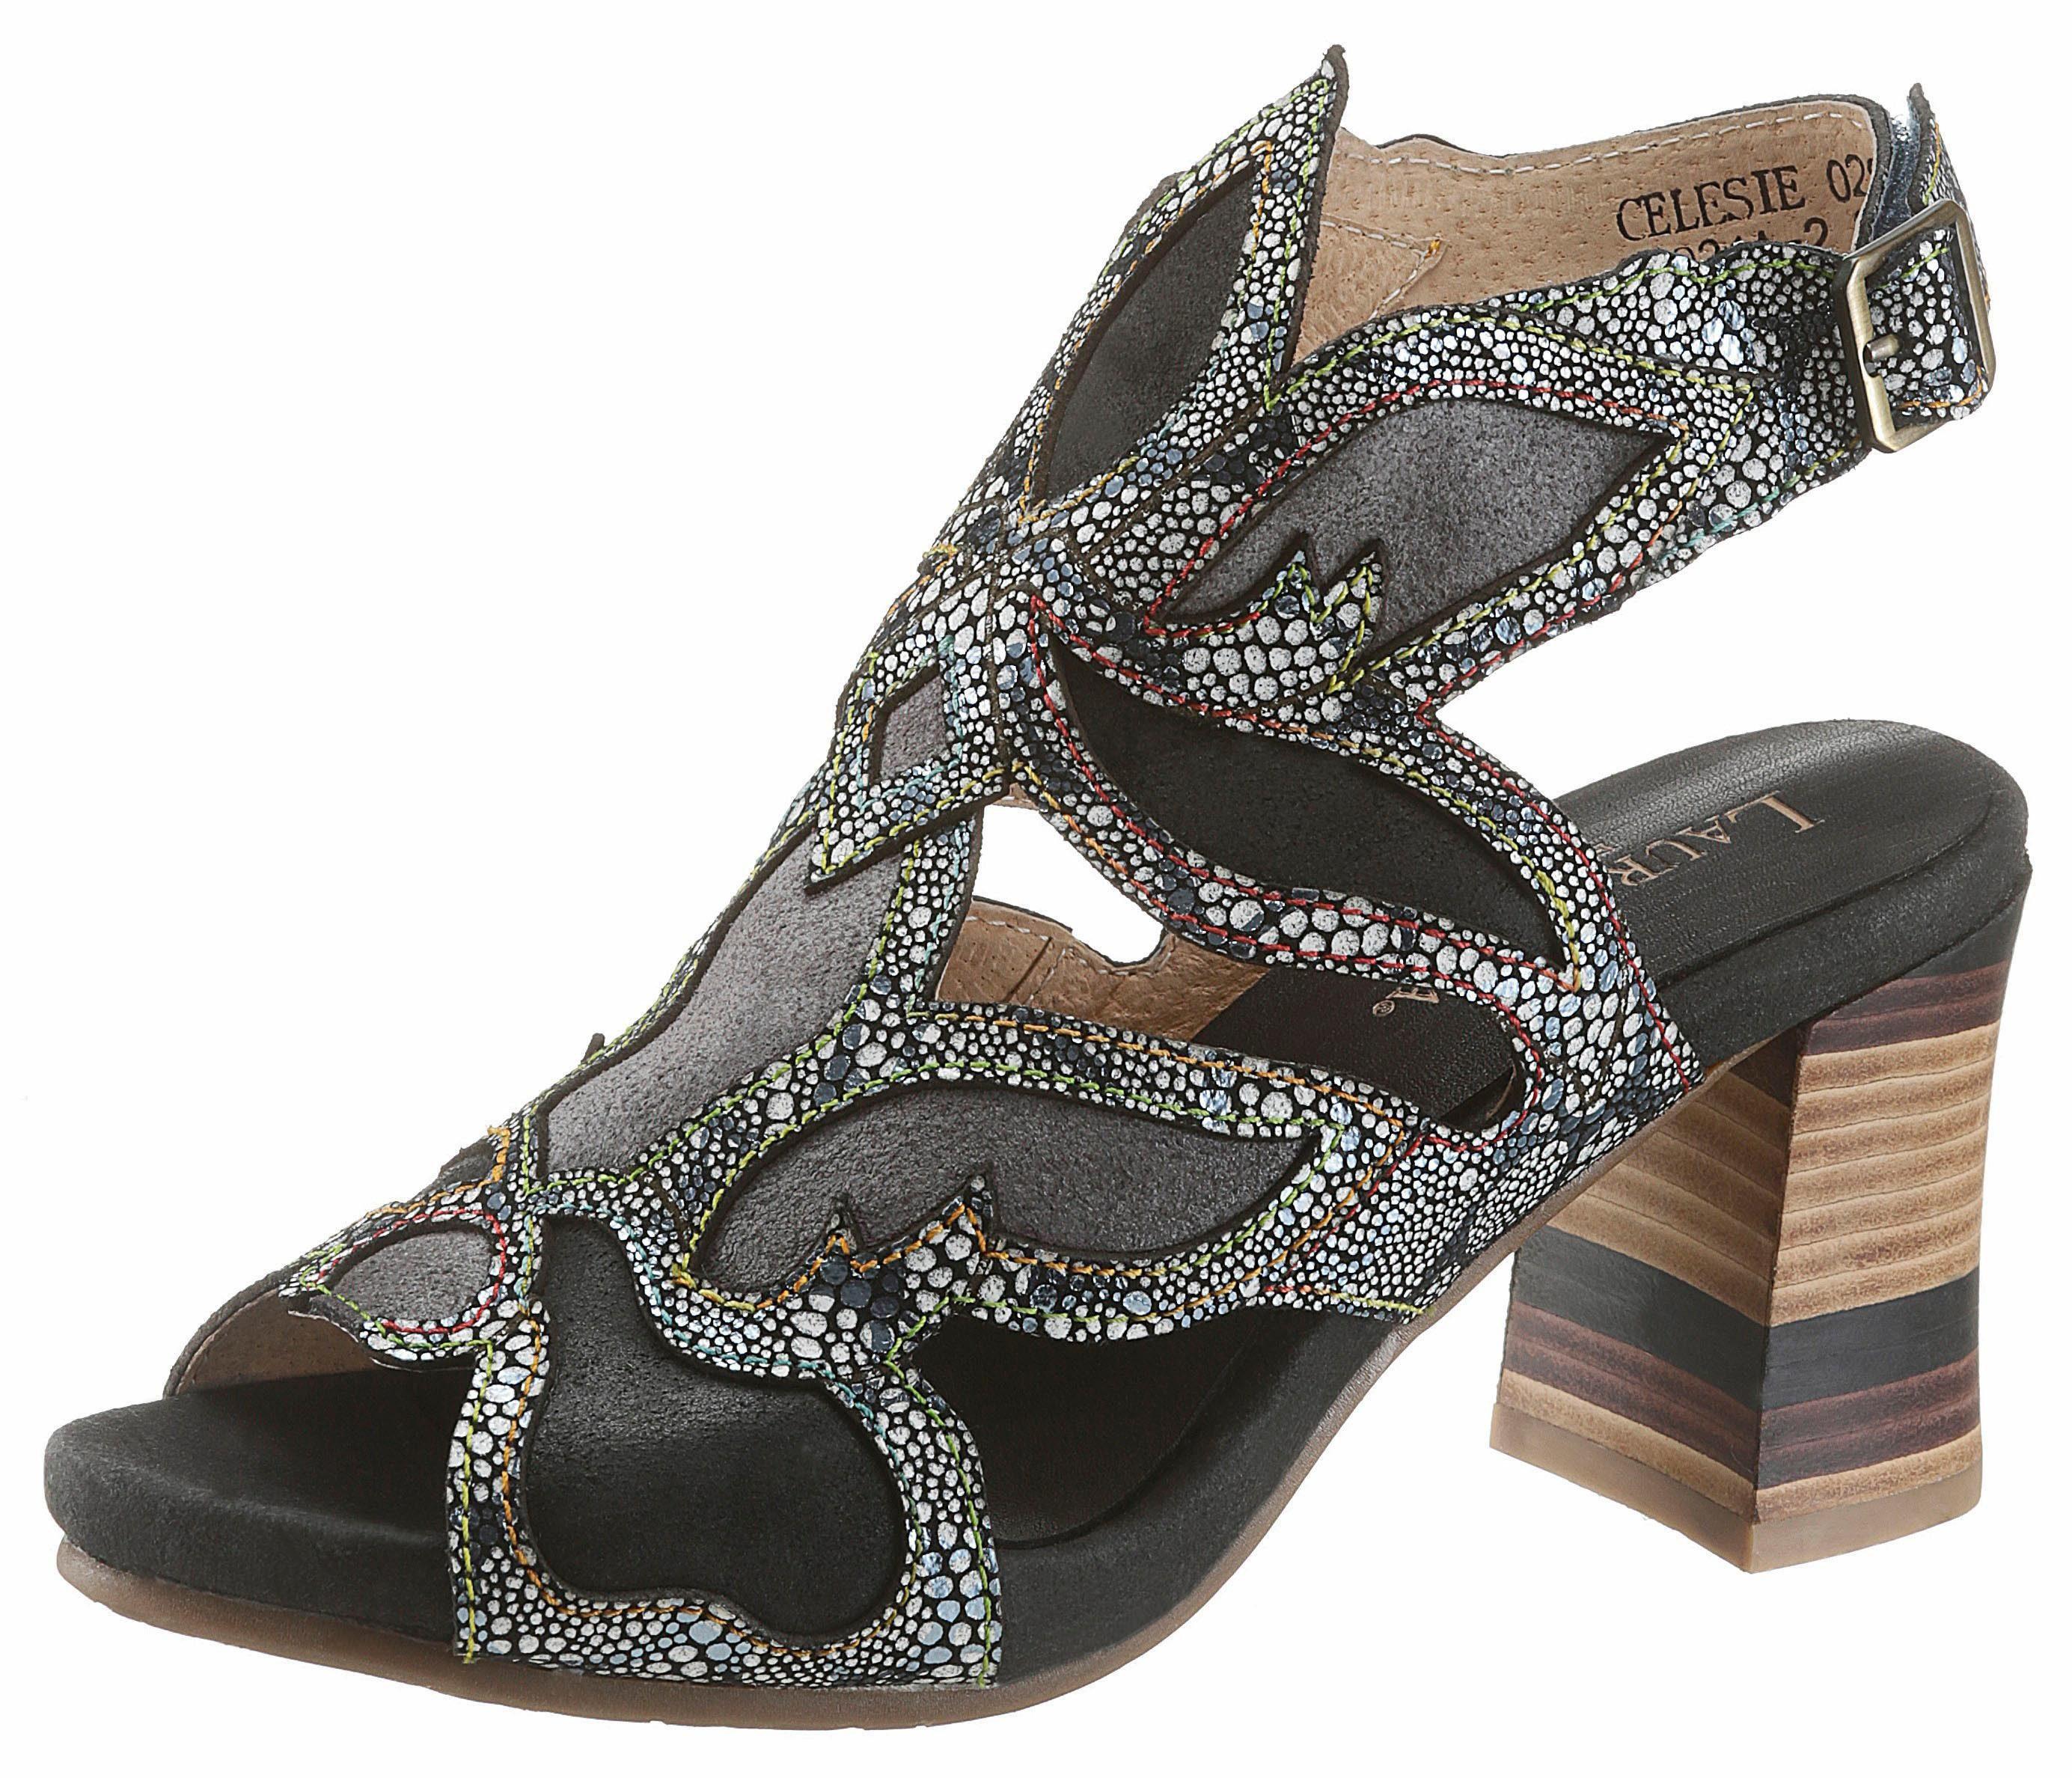 LAURA VITA »Albane« Sandalette, Mit schönem LaserCut-Muster, schwarz, schwarz-grau